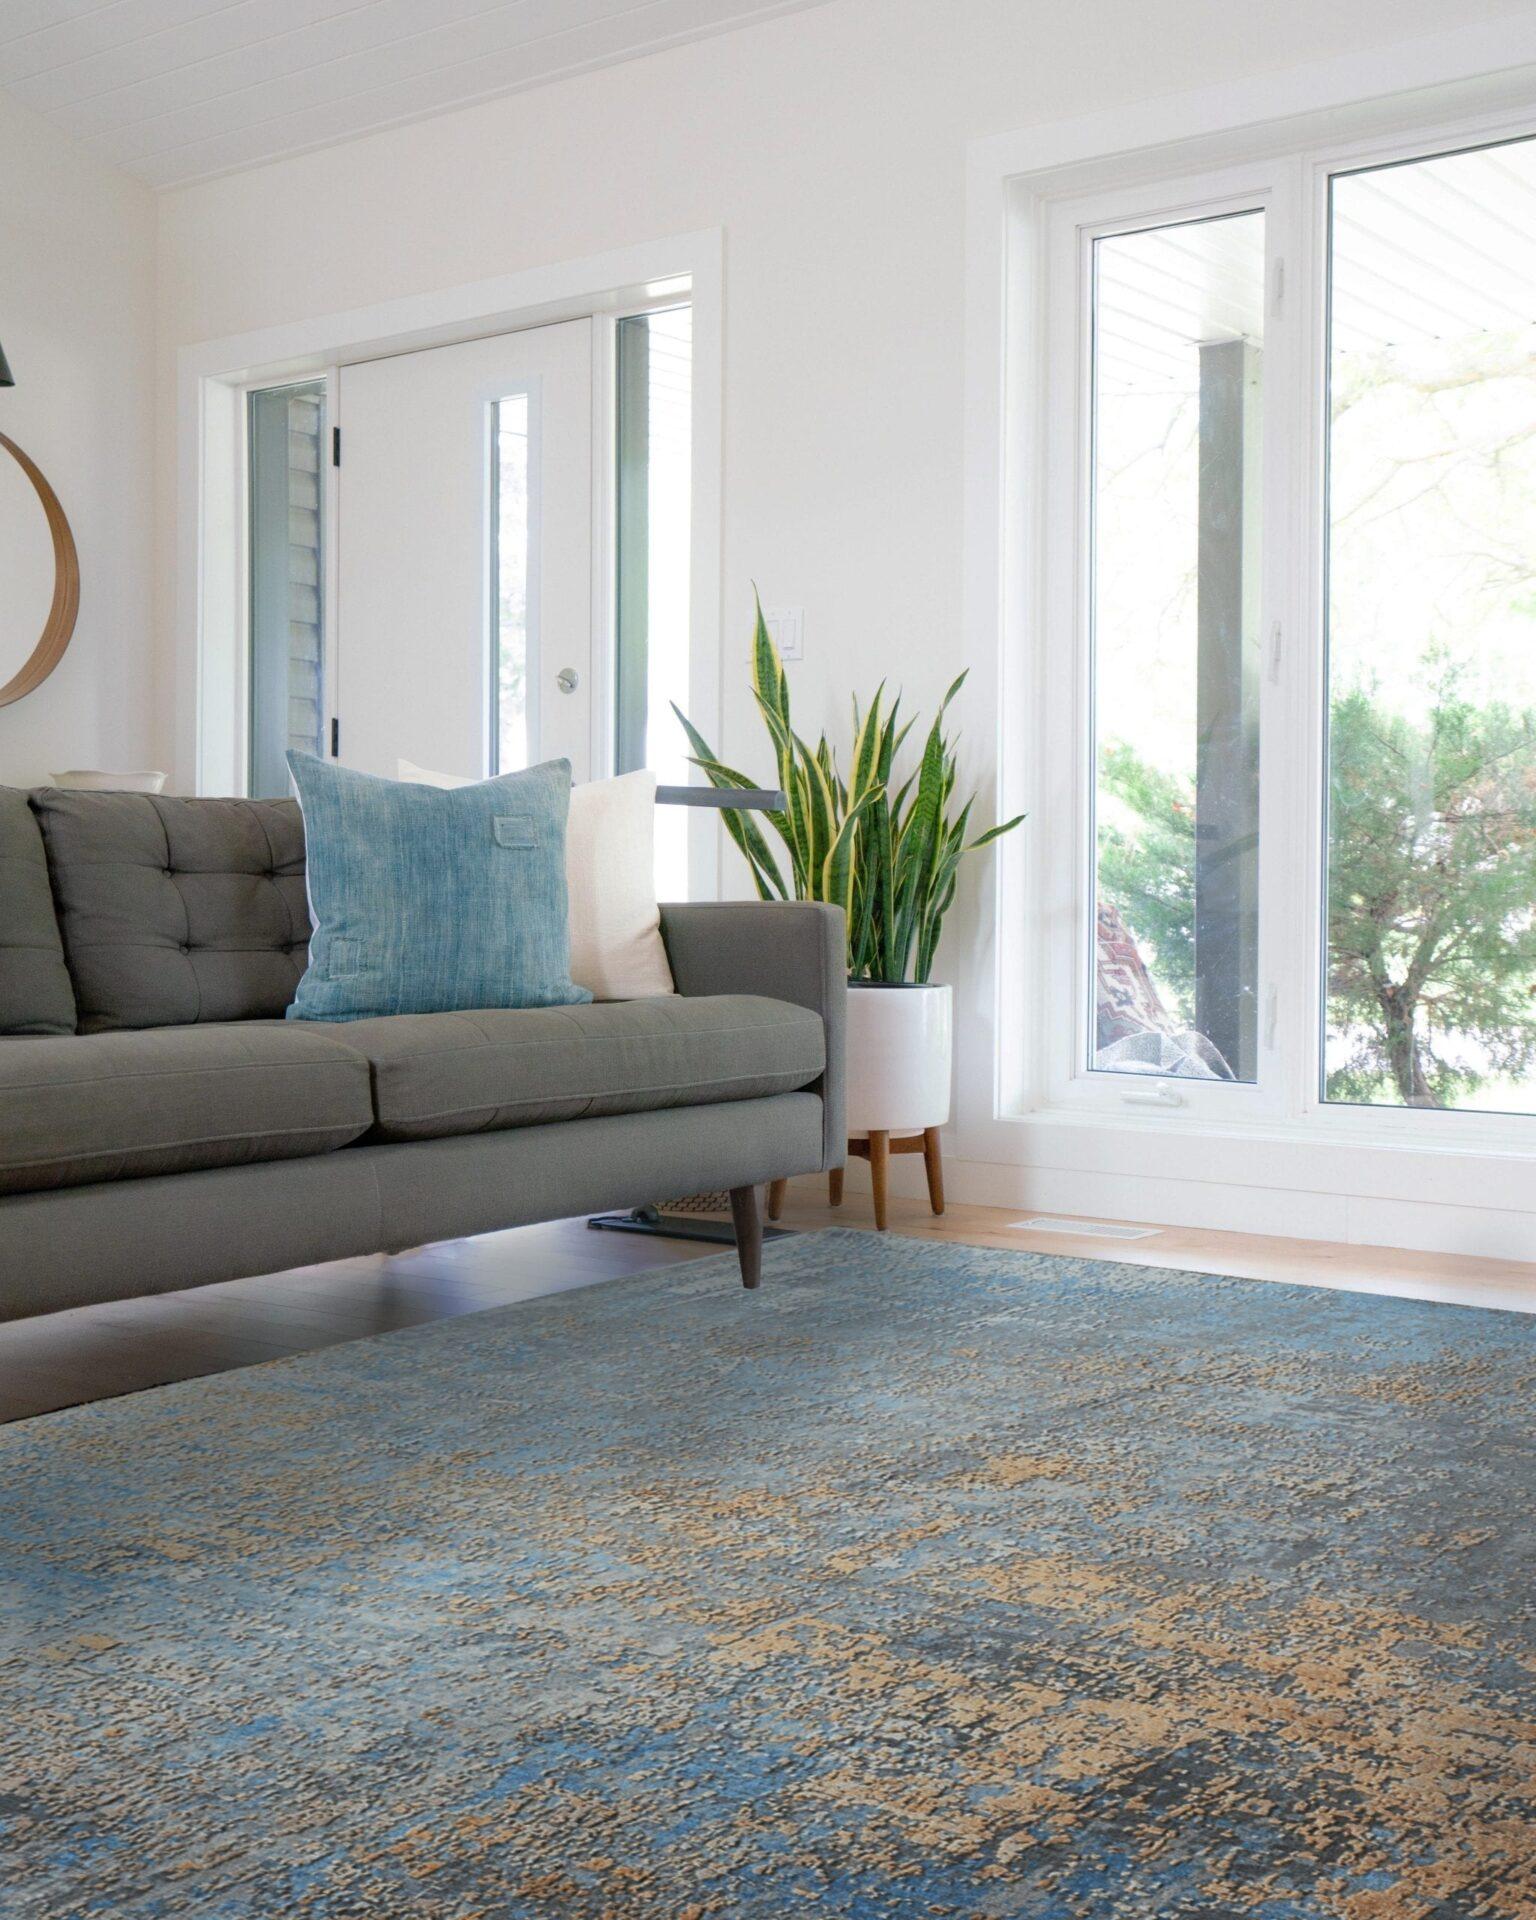 avant-garde-twilight-design-tapijt-luxe-moderne-exclusieve-design-tapijten-luxe-vloerkleden-zijde-multi-blauw-multi-roze-turquoise-305x244-koreman-maastricht